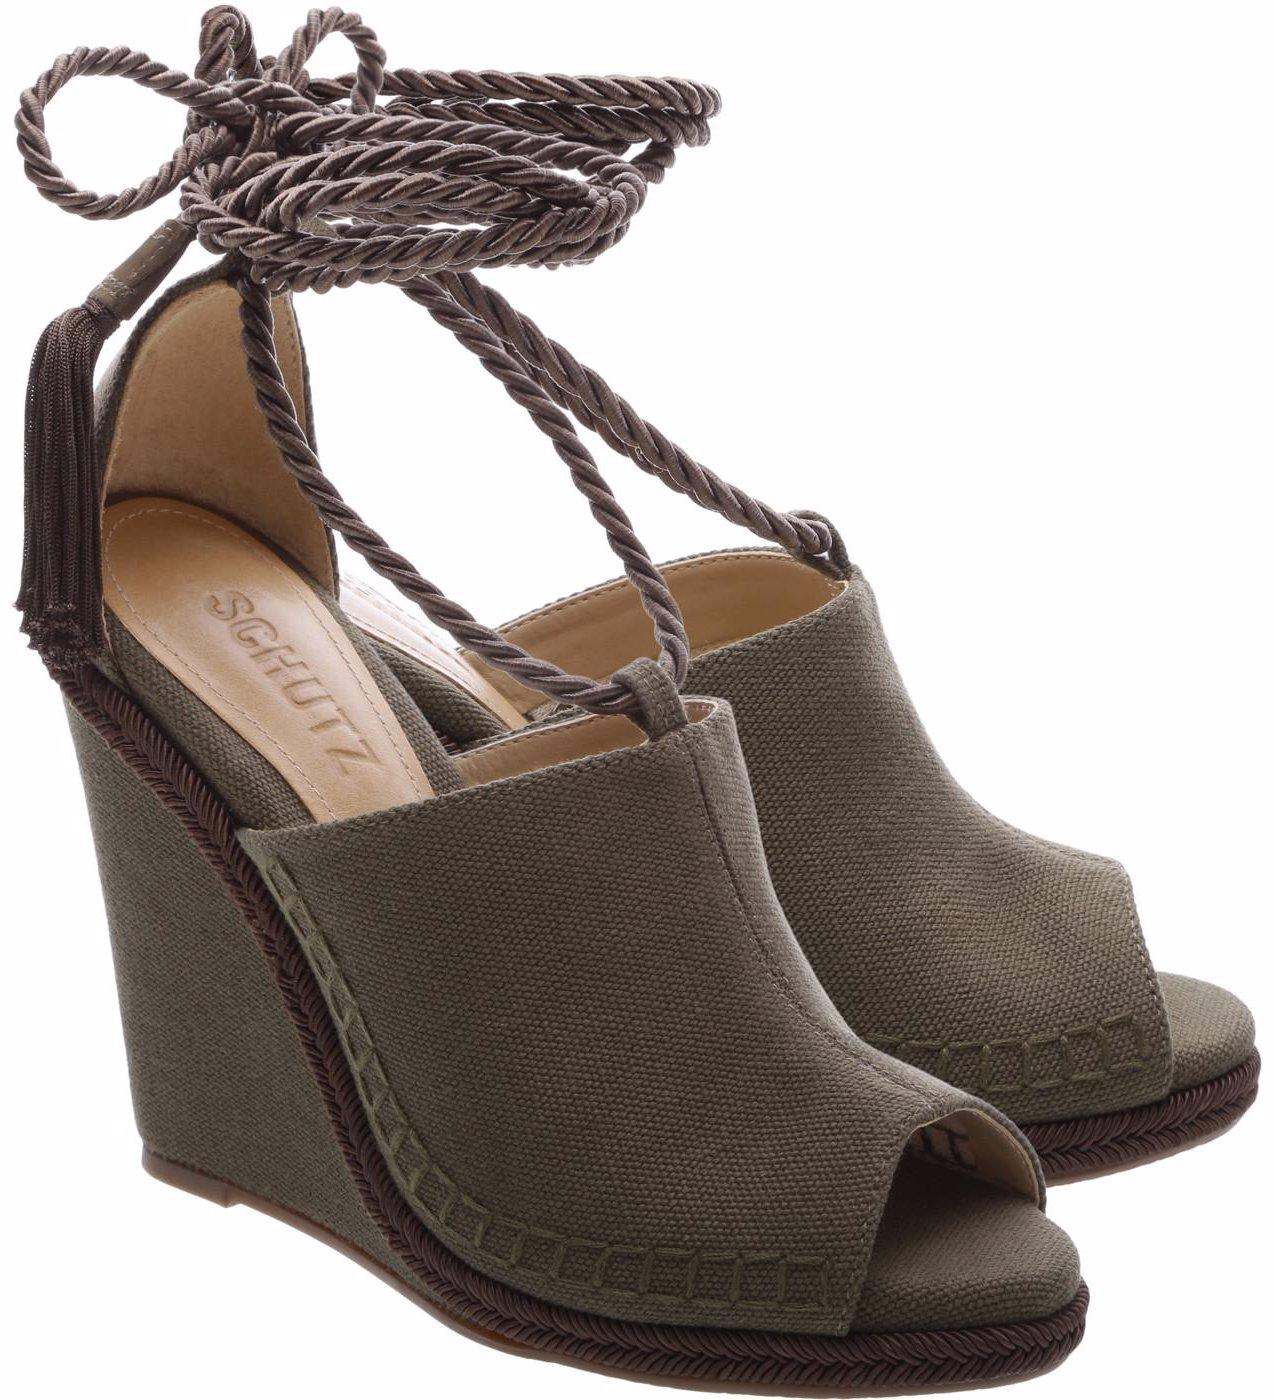 0c36430d6 SINGSALE | Schutz Bevida Black Box Leather Flatform Platform Loafer ...